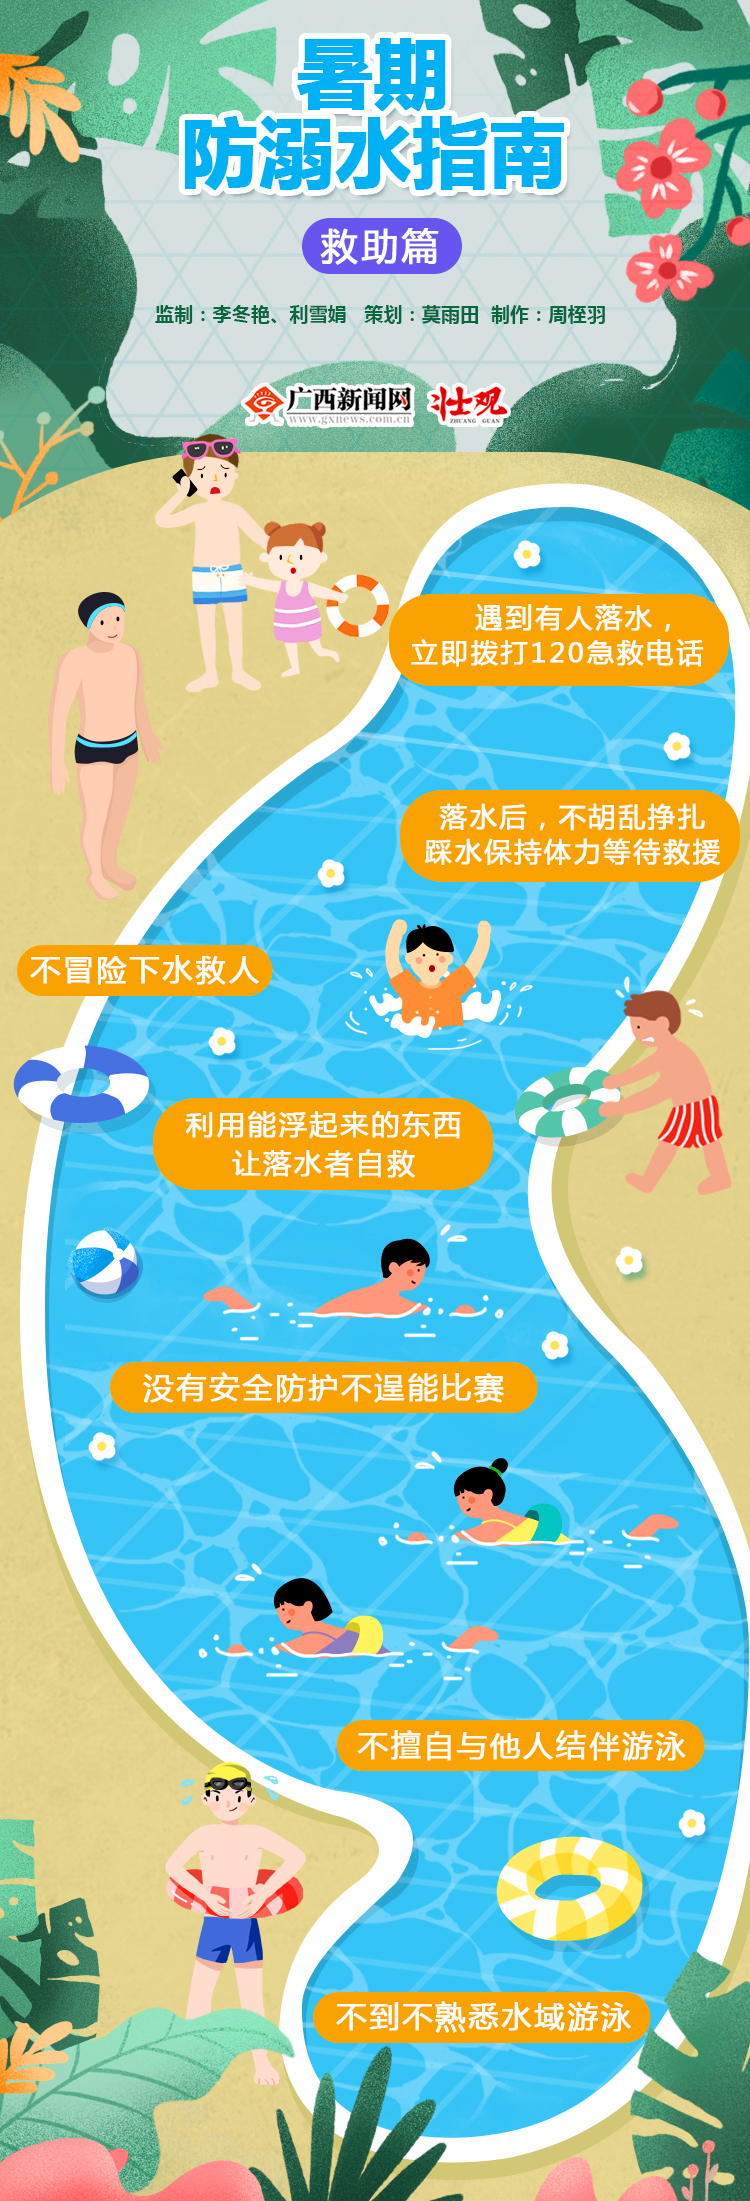 【图解】暑期游泳 防溺水指南——救助篇